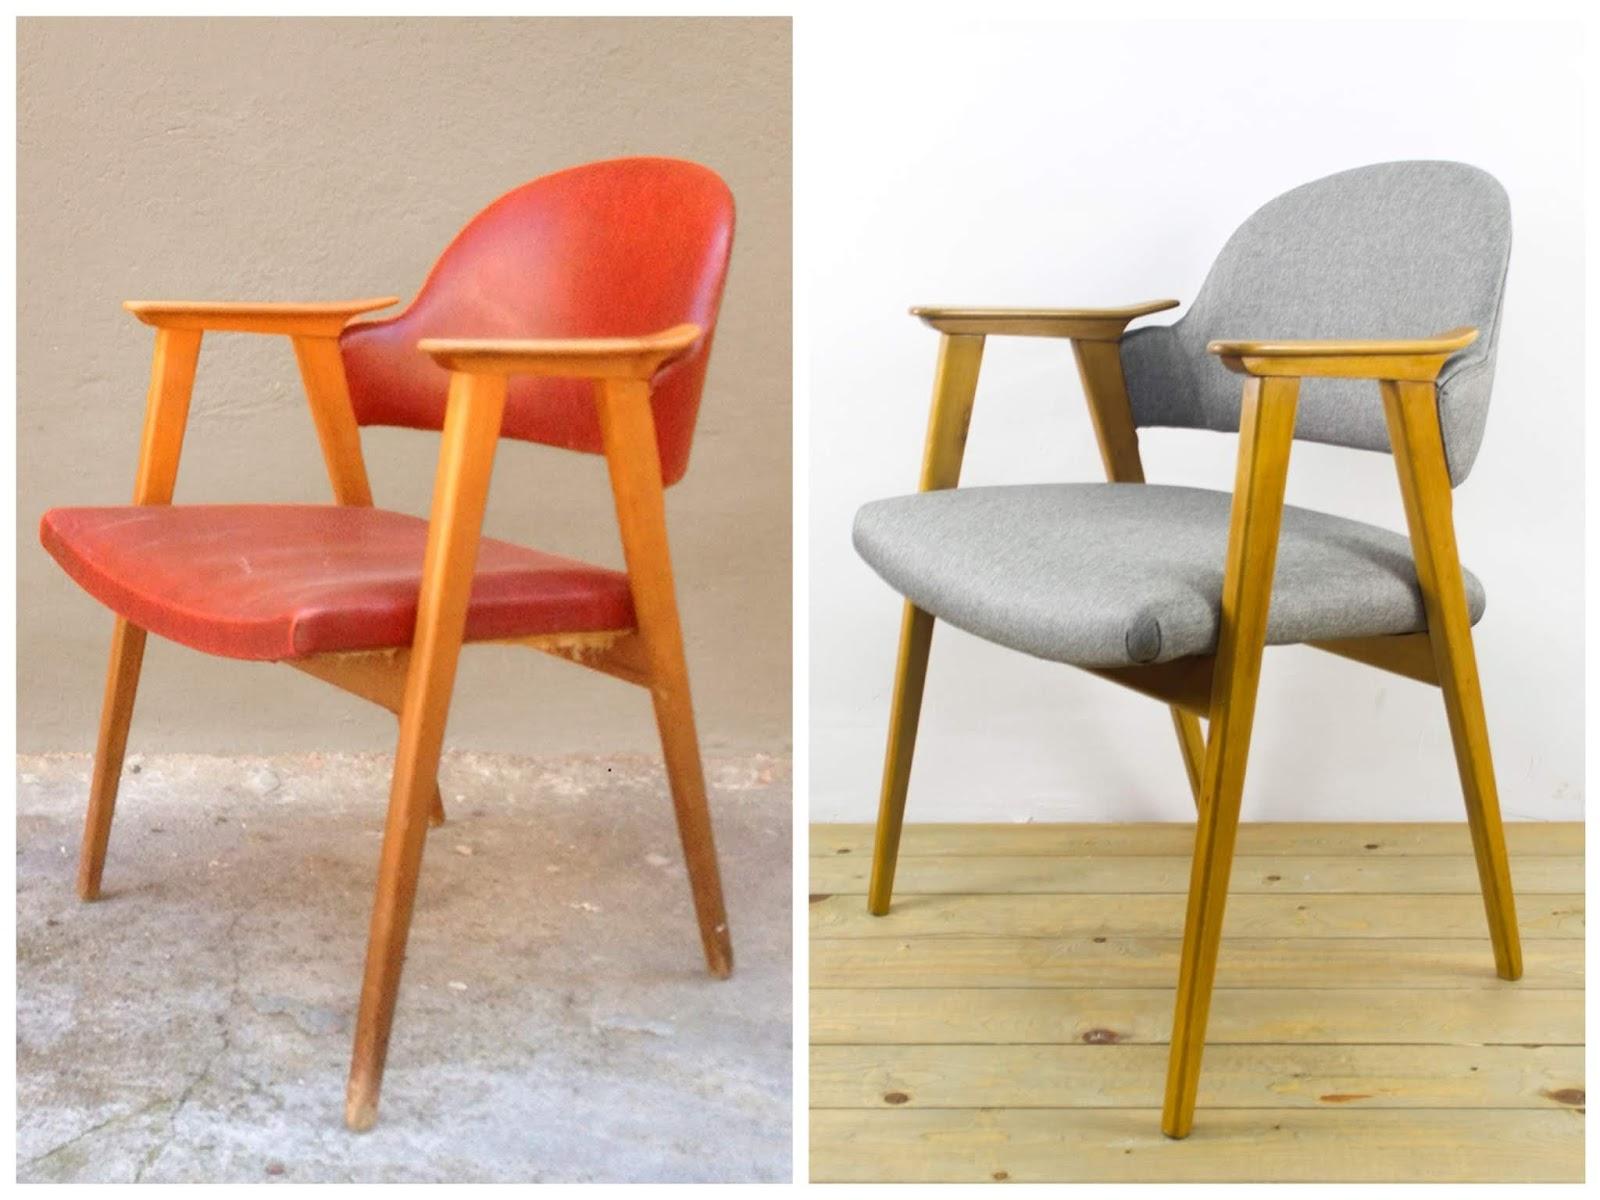 Antes y después - Butaca de estilo nórdico - Studio Alis